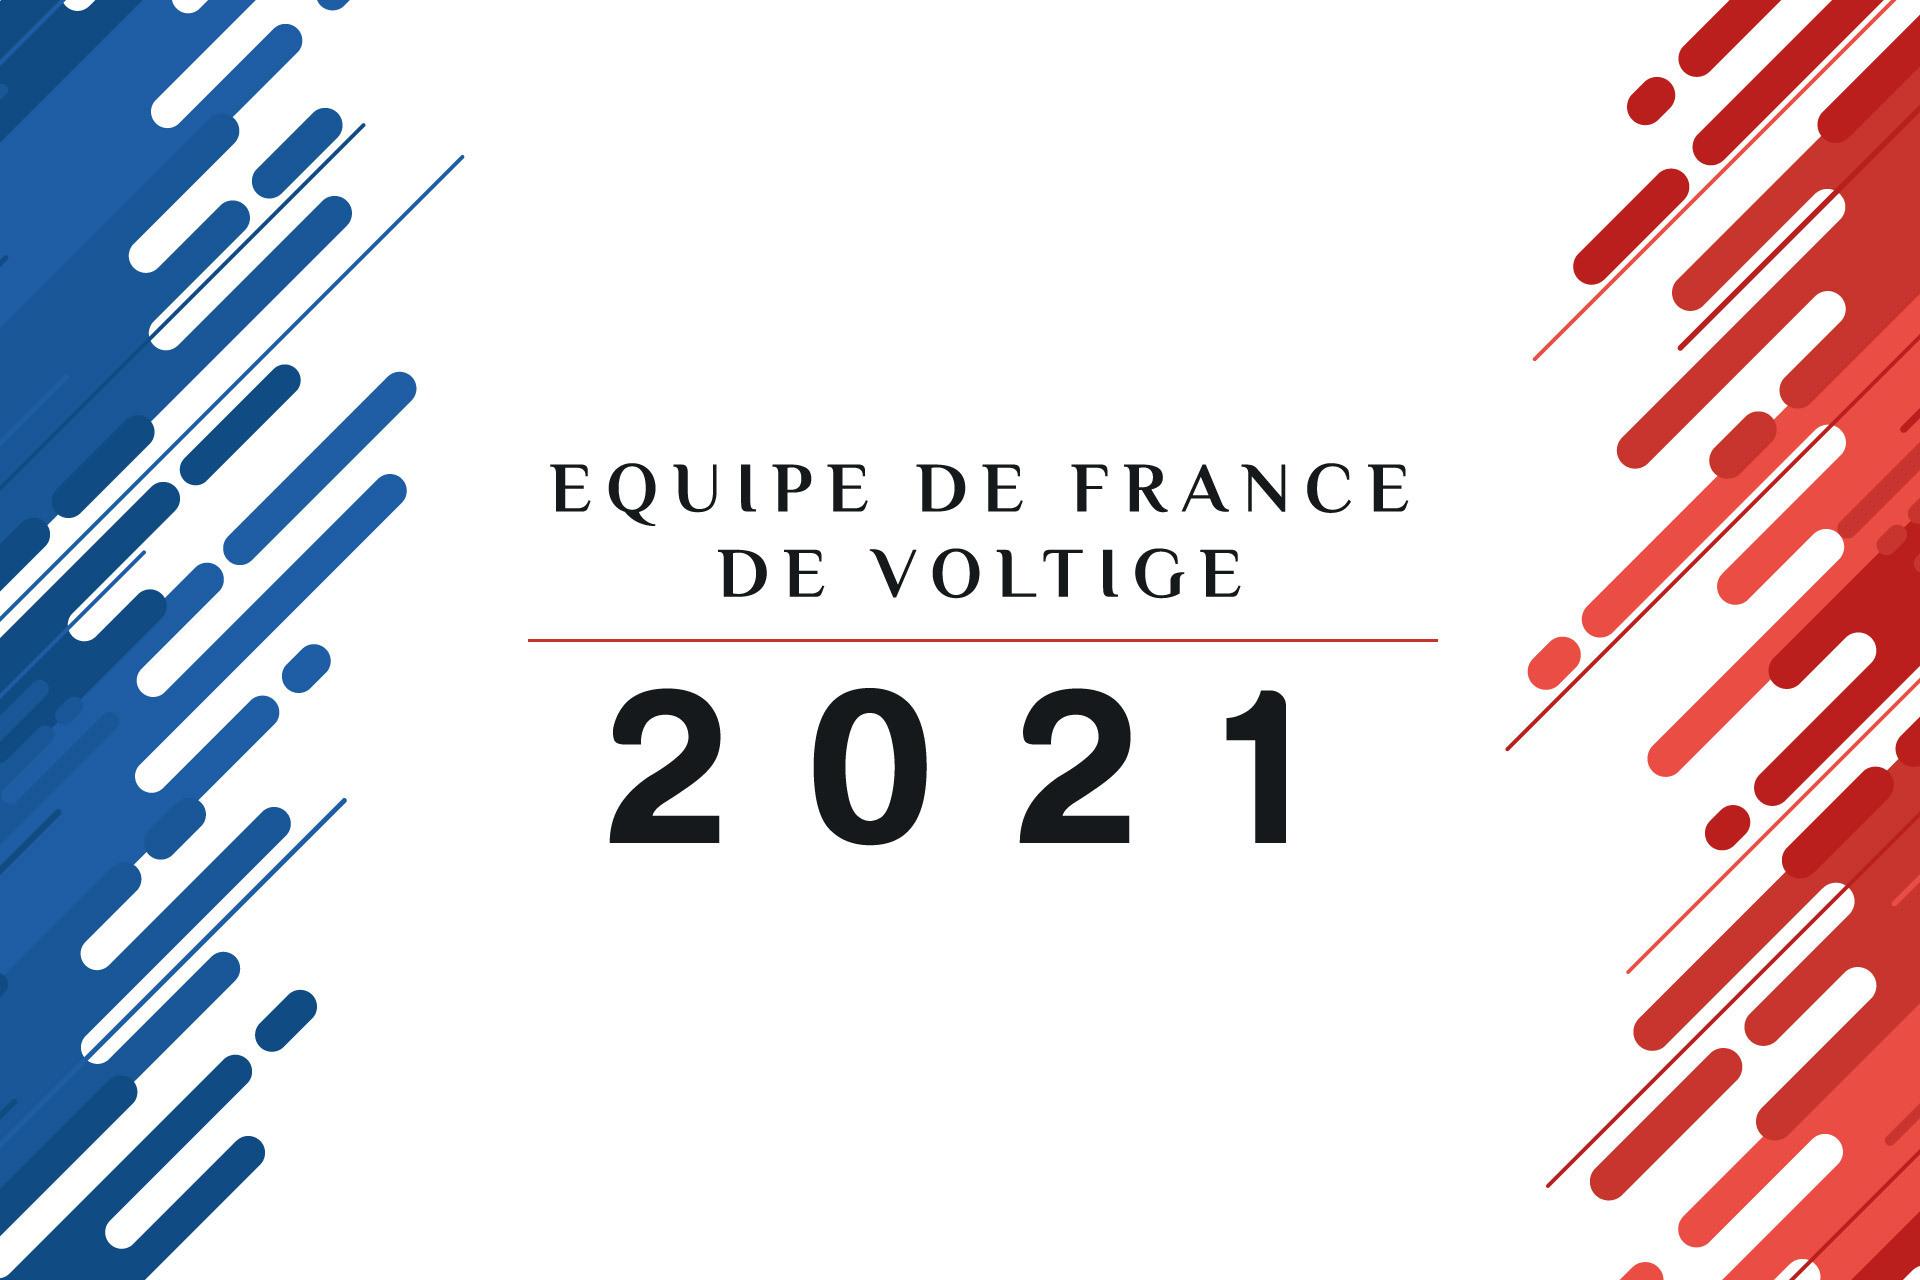 Découvrez la sélection Equipe de France 2021 – Voltige